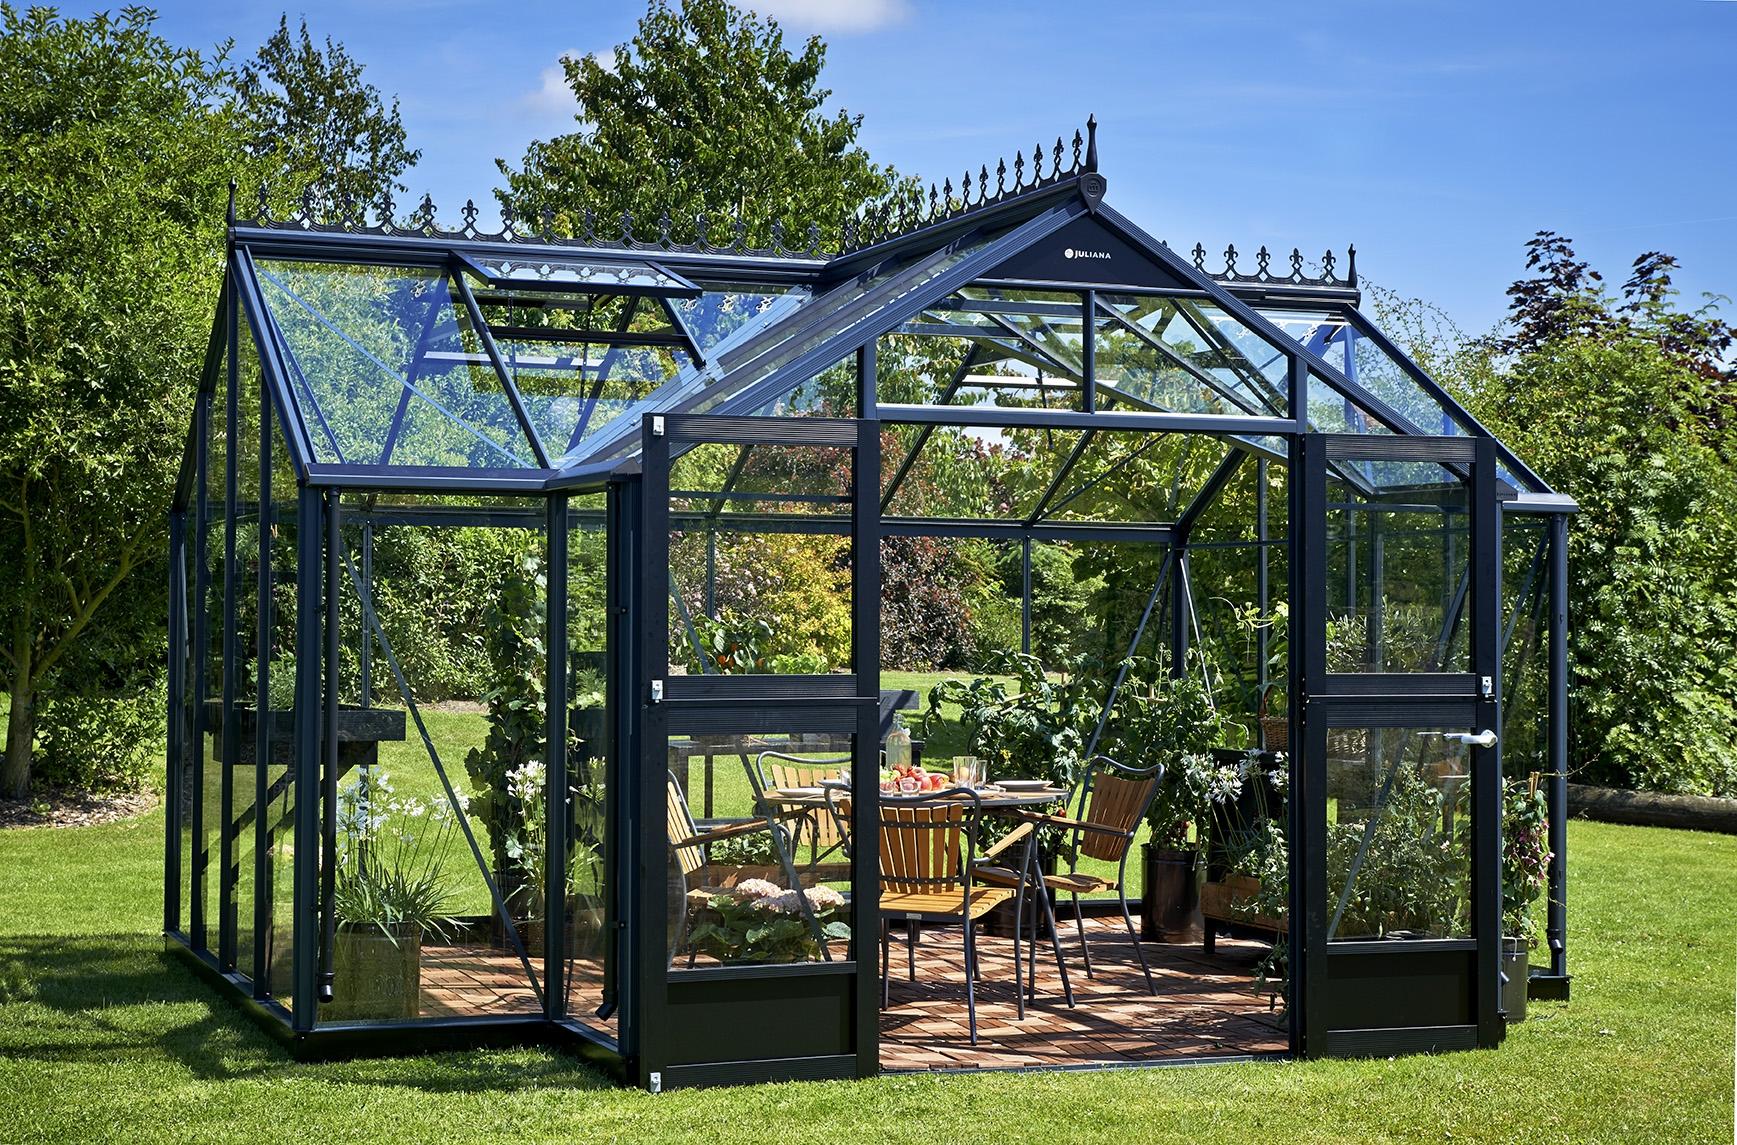 Serre de jardin juliana orangerie 15 2m2 anthracite for Jardin orangerie